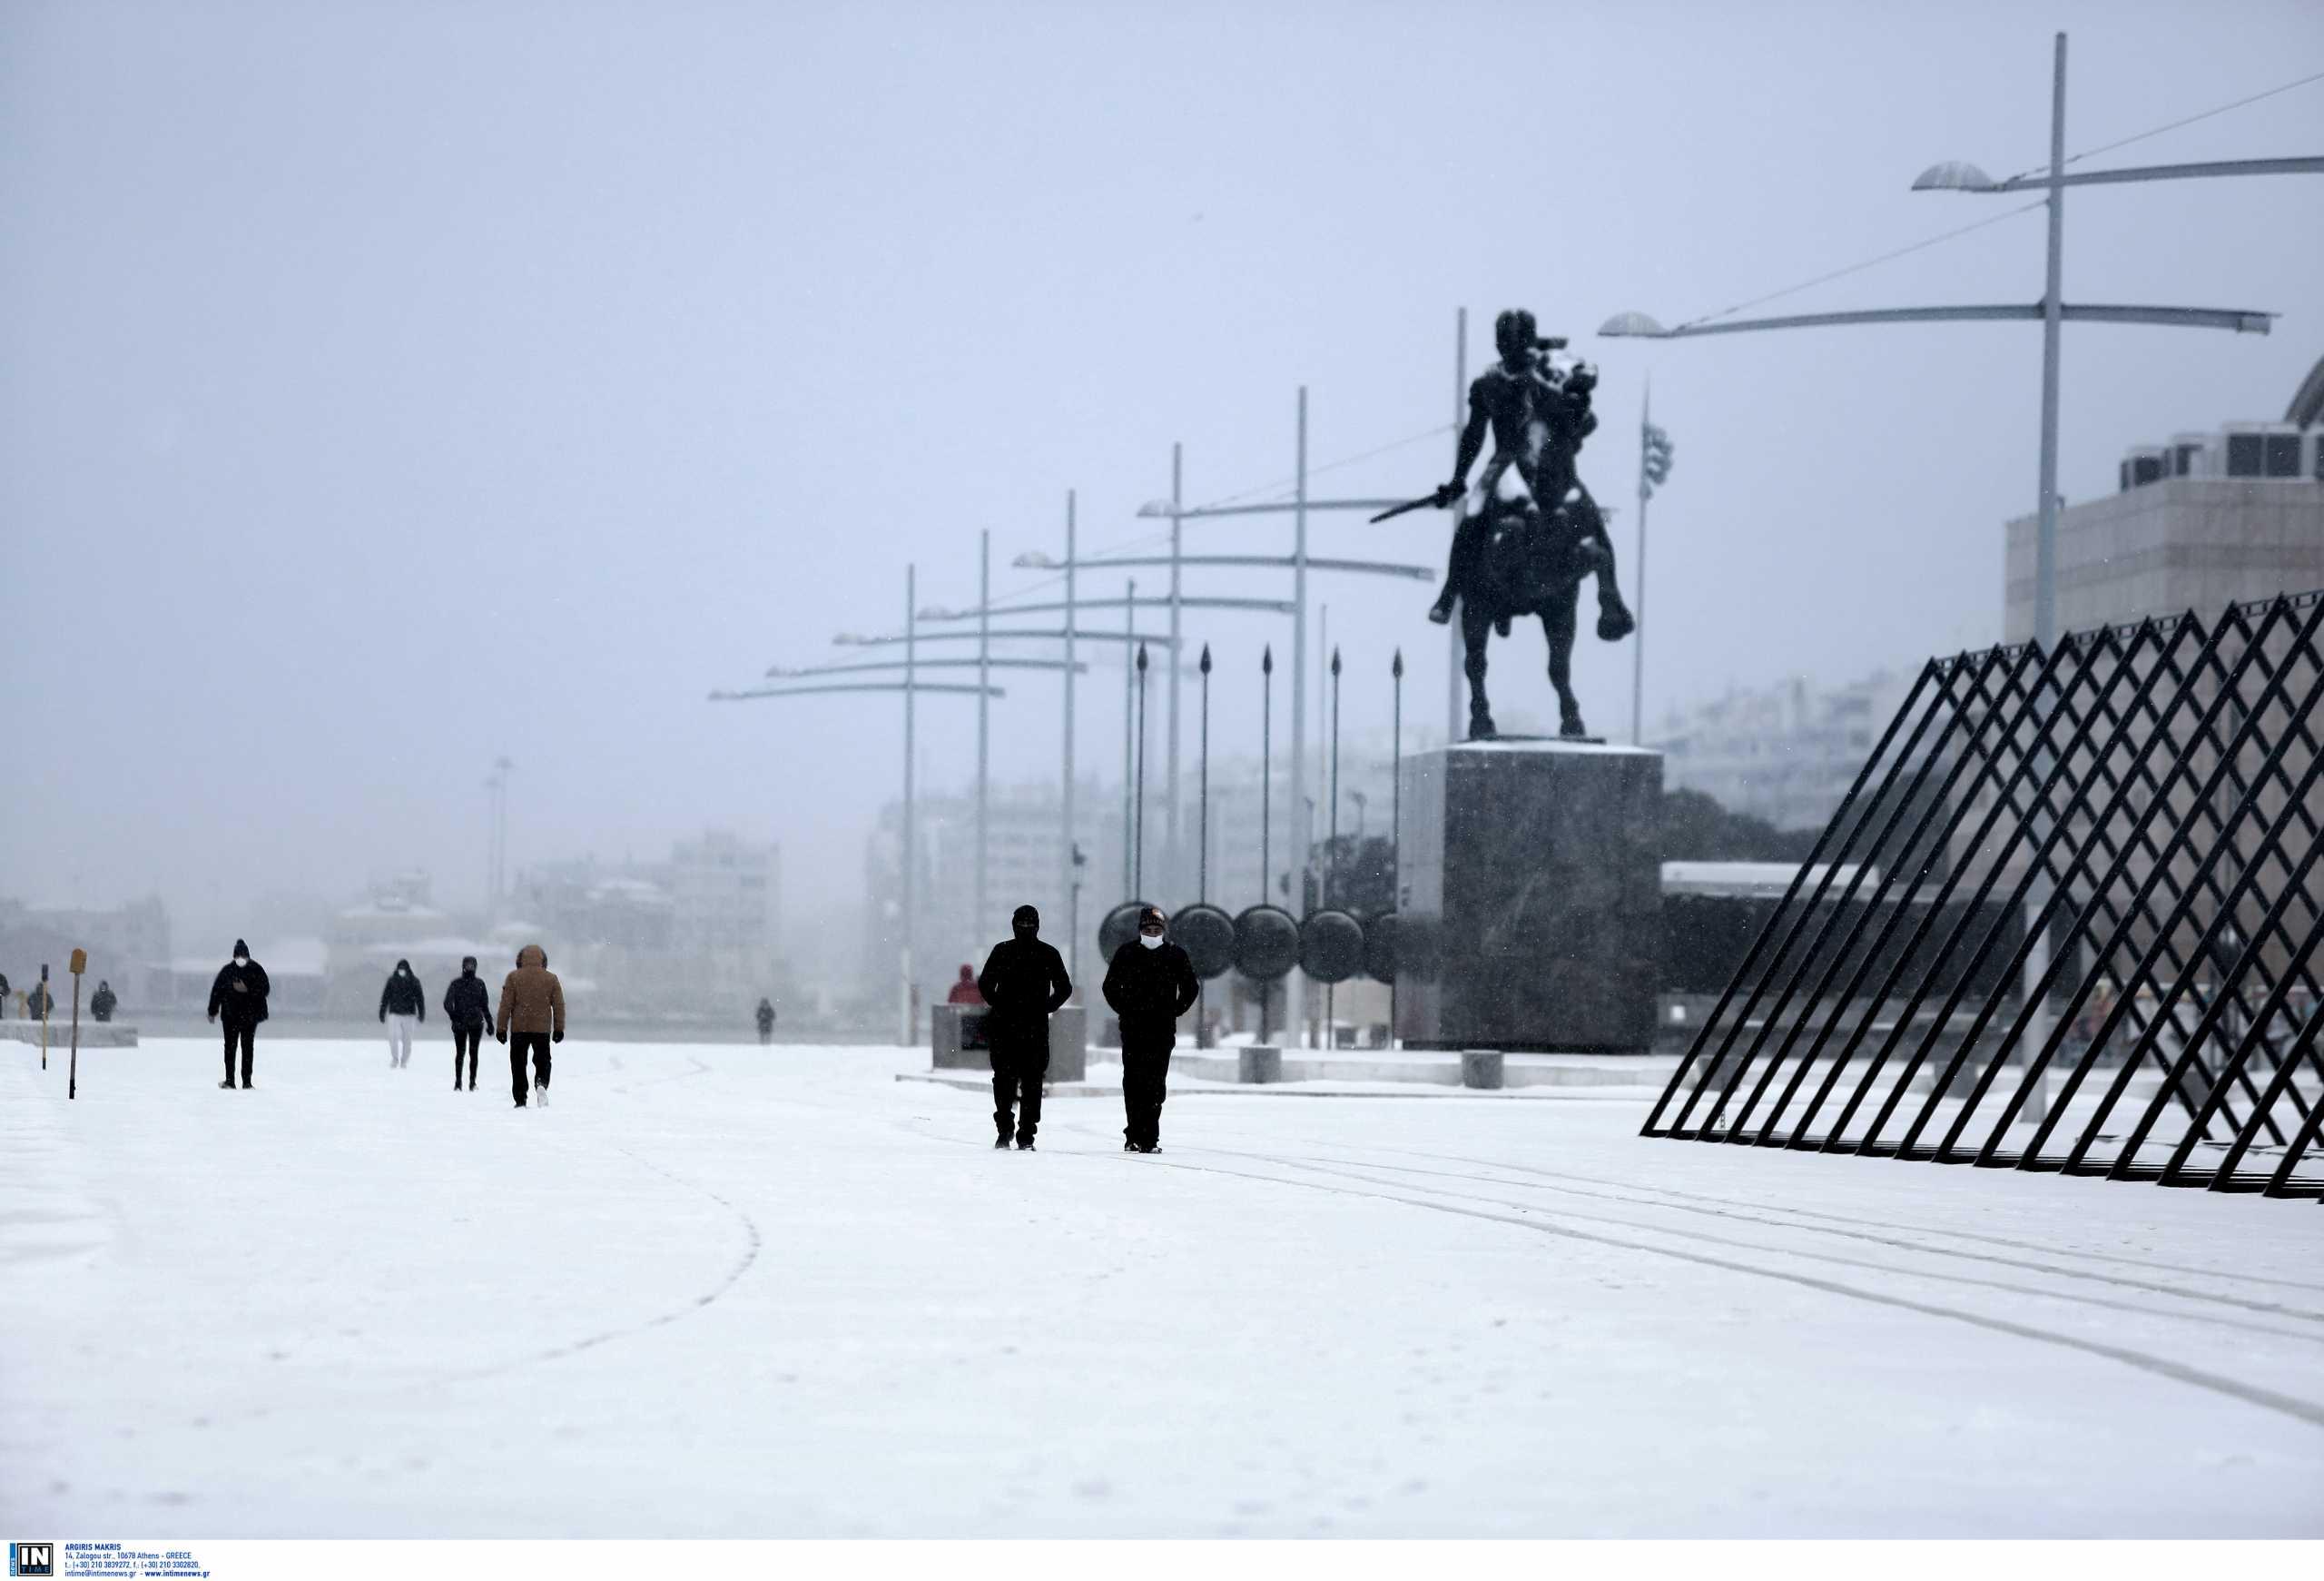 Καιρός – Kακοκαιρία Μήδεια: Πολικές θερμοκρασίες και κάτασπρα τοπία – Πότε καταφτάνει ο χιονιάς στην Αττική